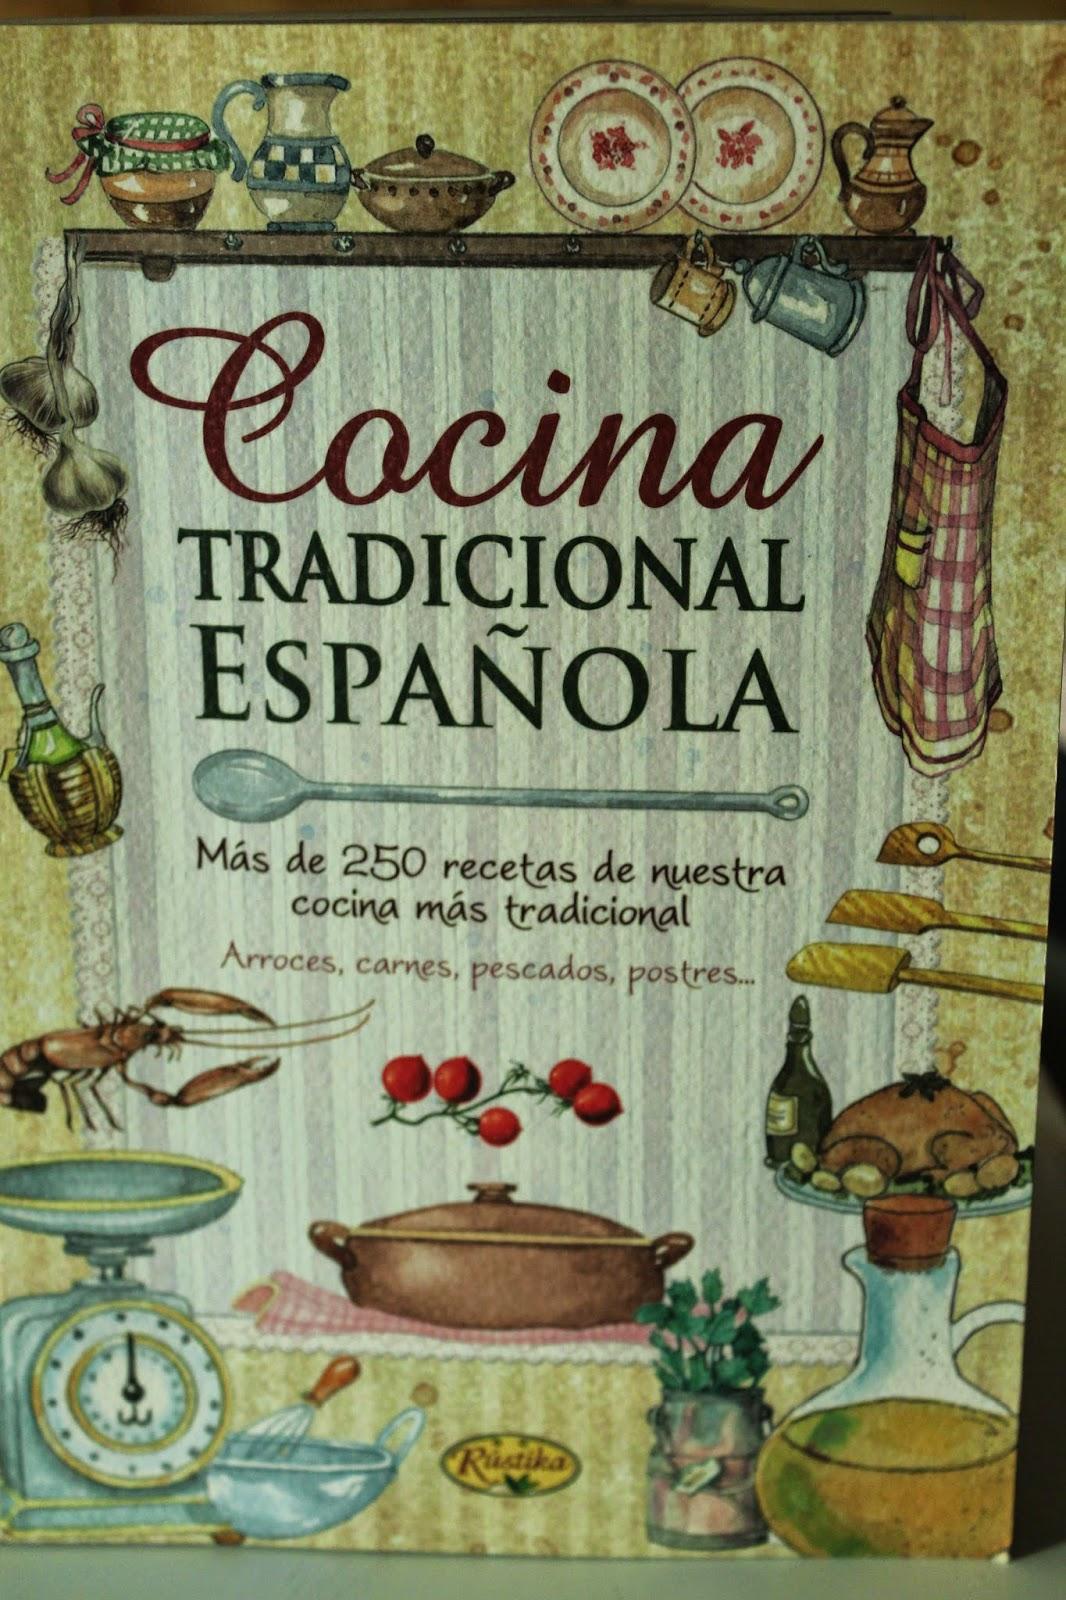 Les punyetetes de la li cocina tradicional espa ola for Cocina tradicional espanola